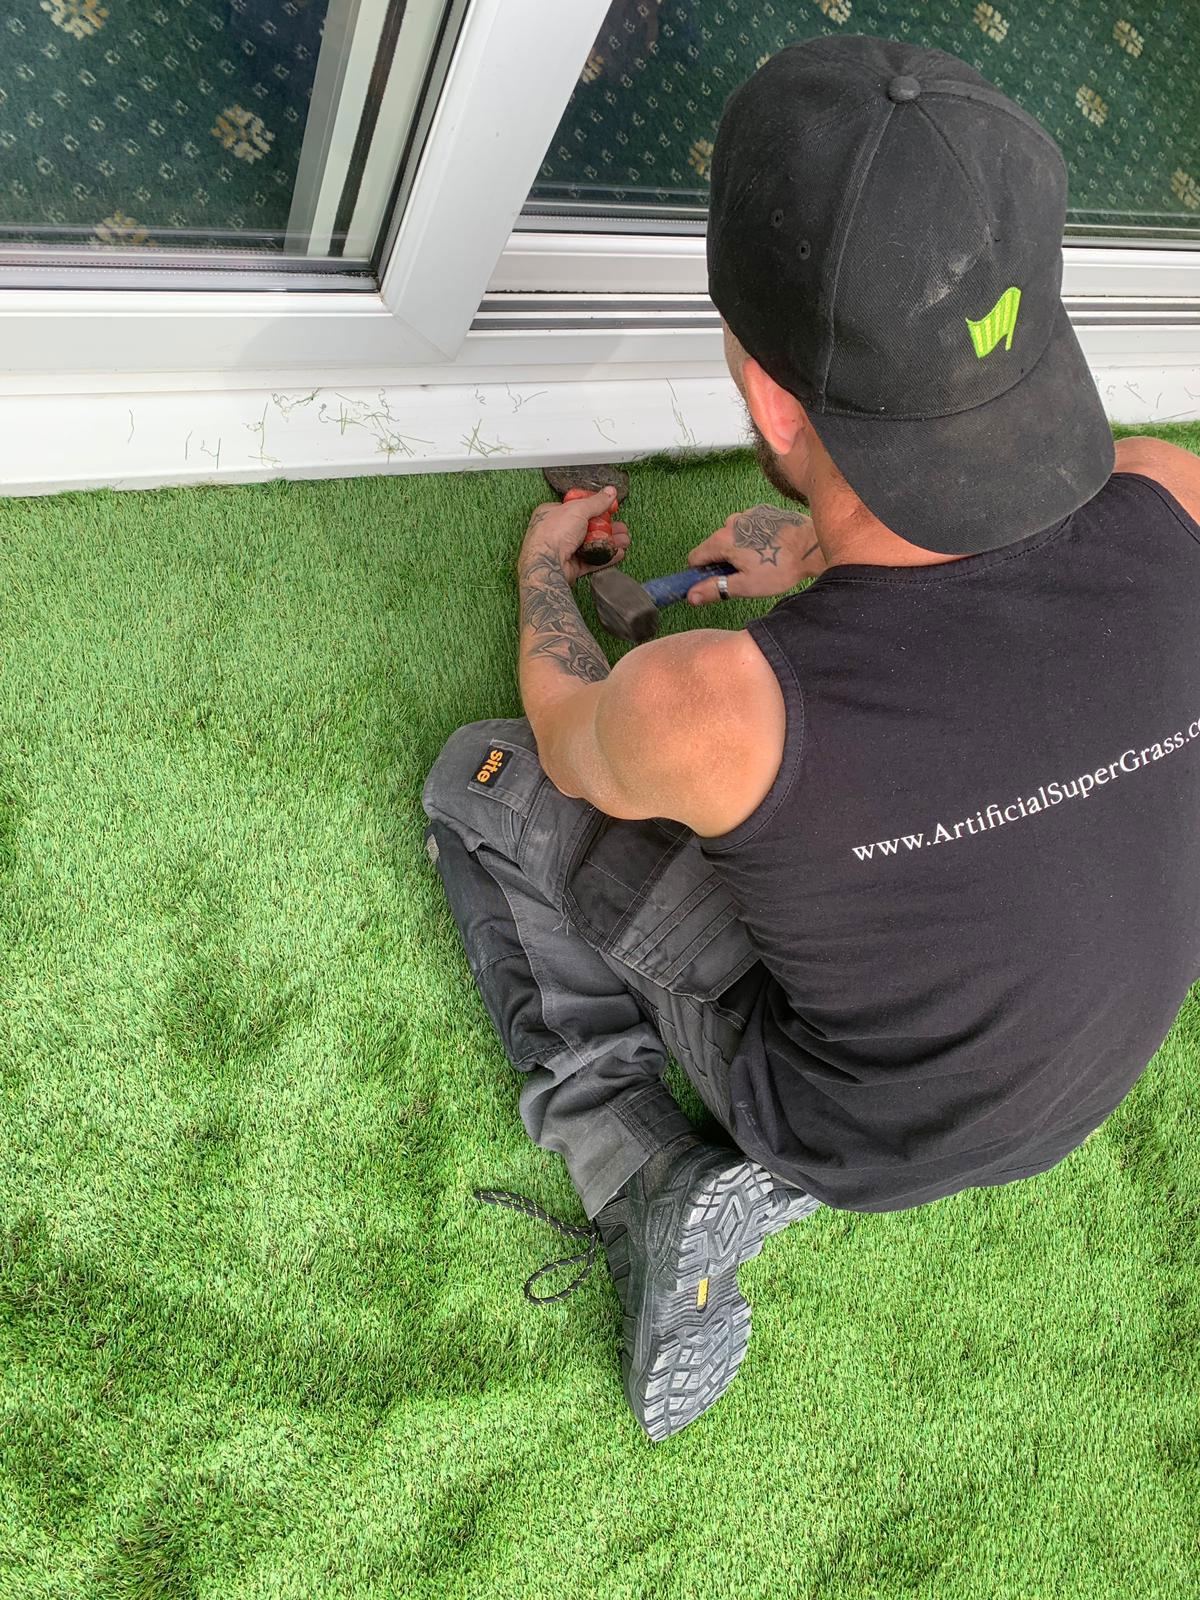 Fake Grass For Dogs Newark Artificial Super Grass